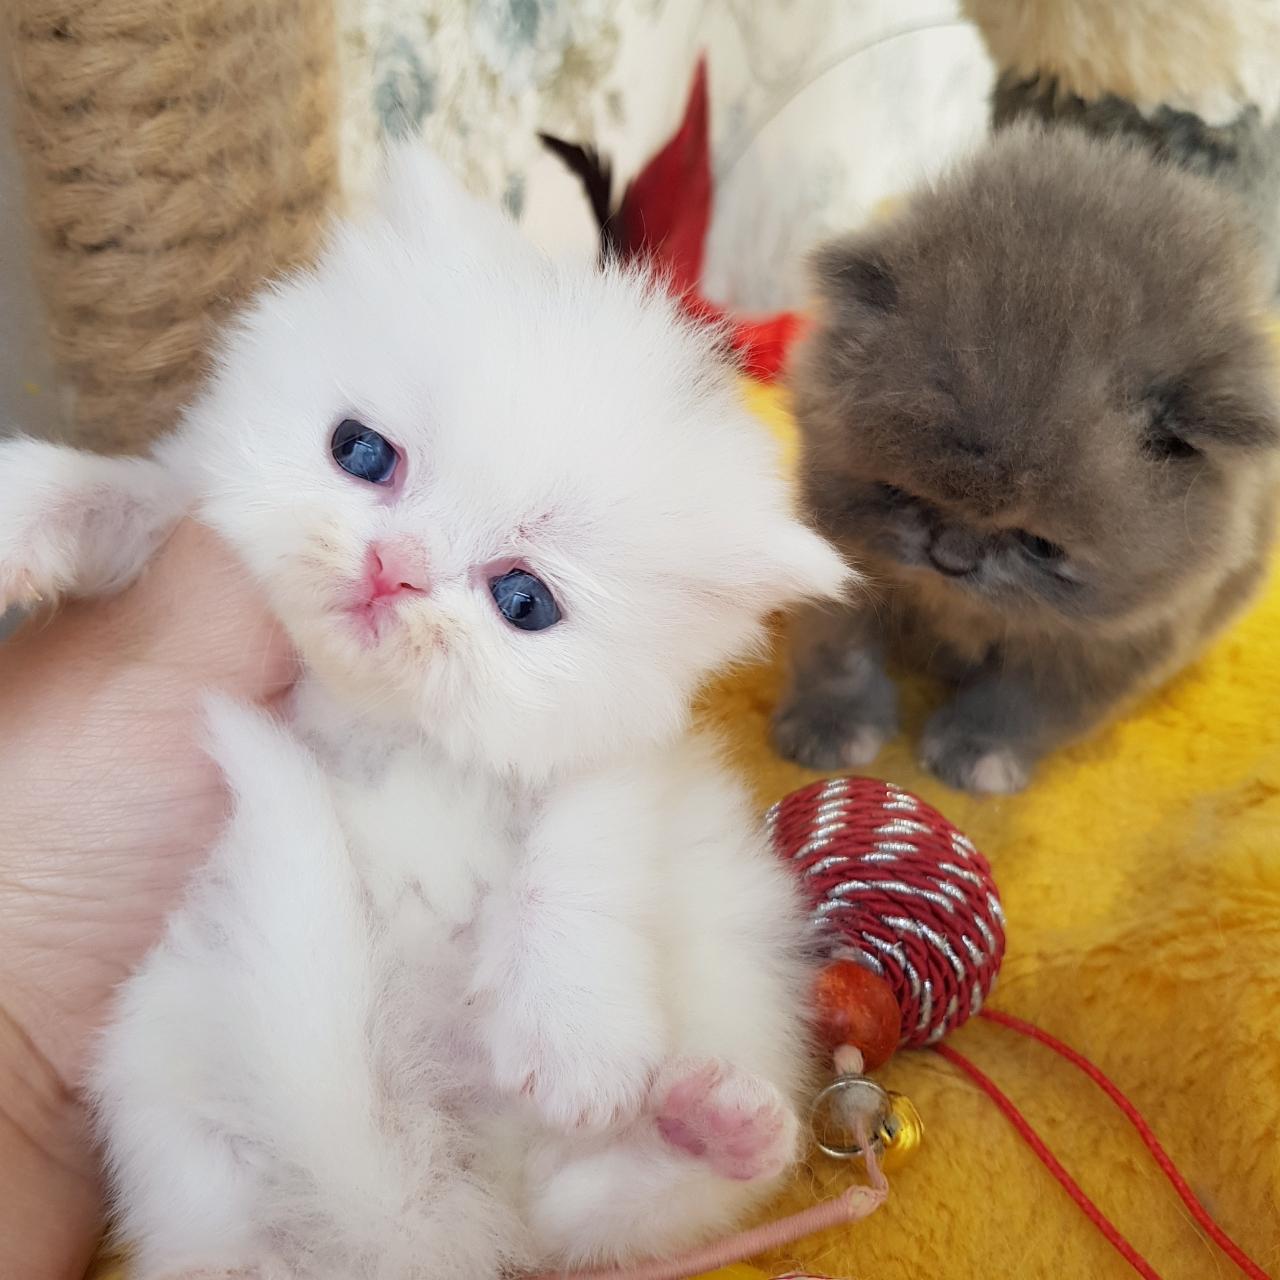 بچه گربه سفید برفی صورت عروسکی